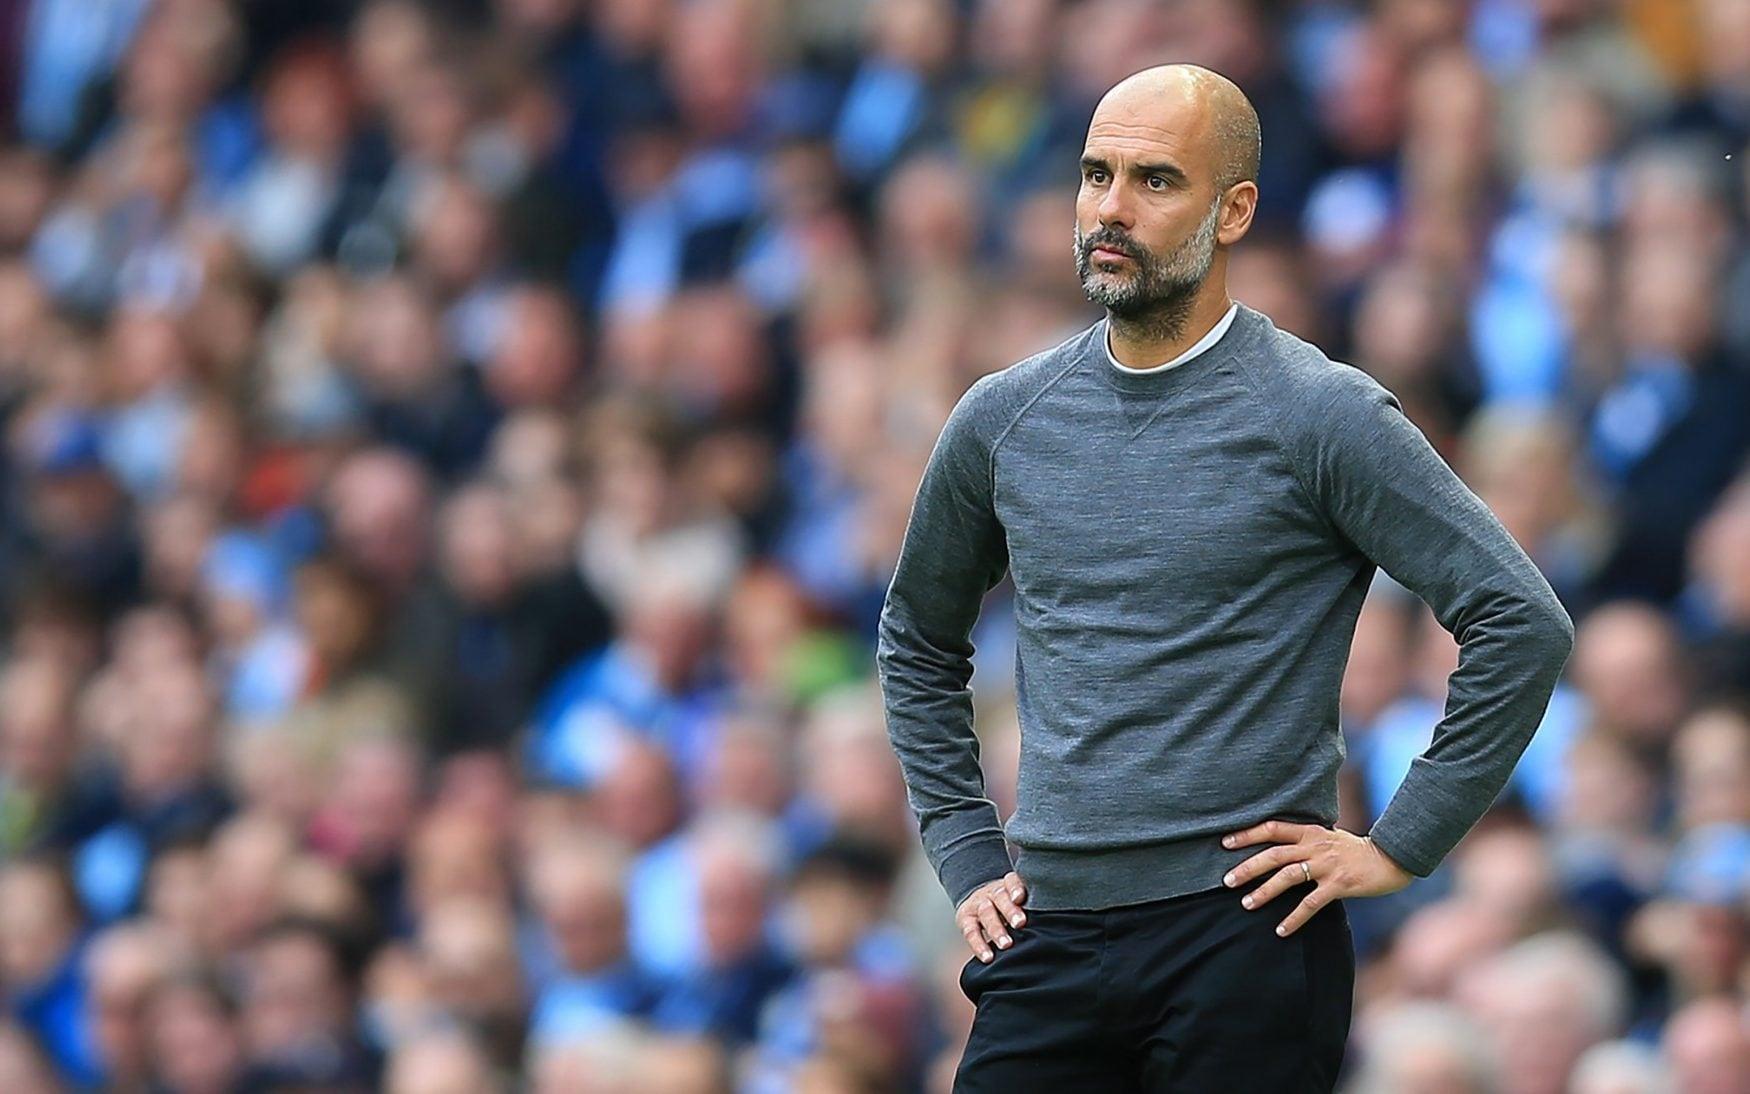 Манчестер Сити предложит Гвардиоле новый контракт